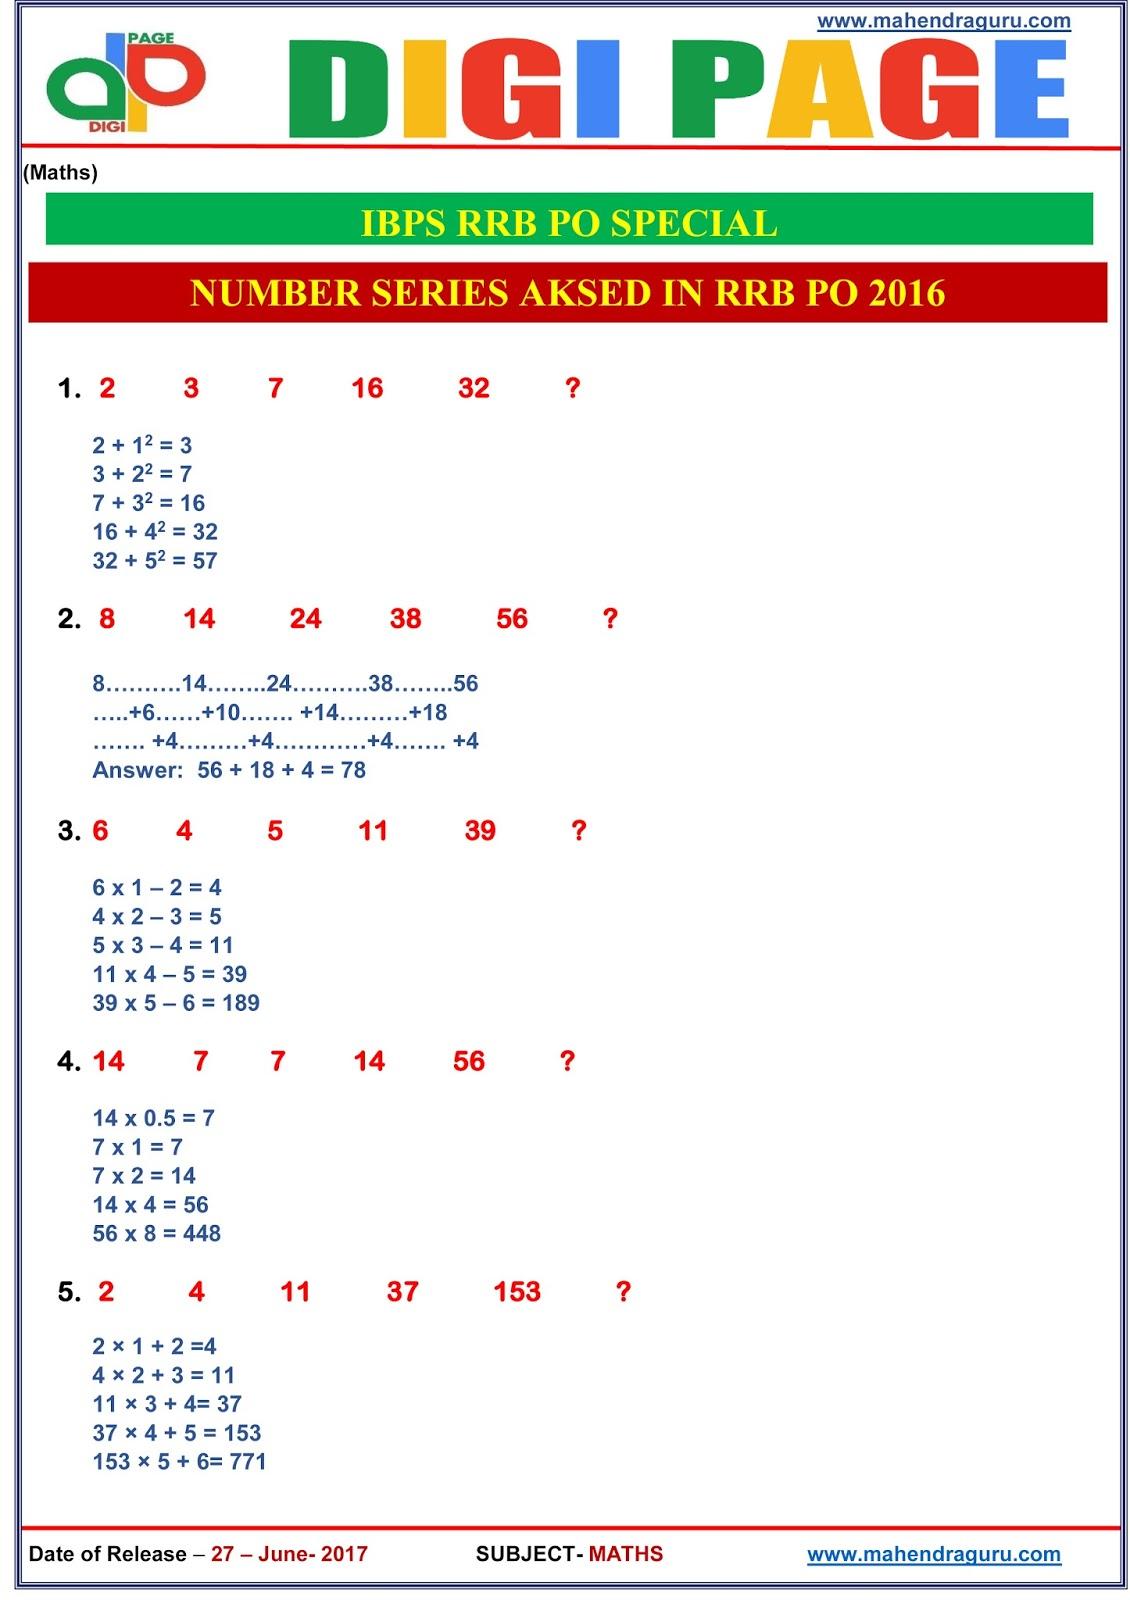 Numbers Serie